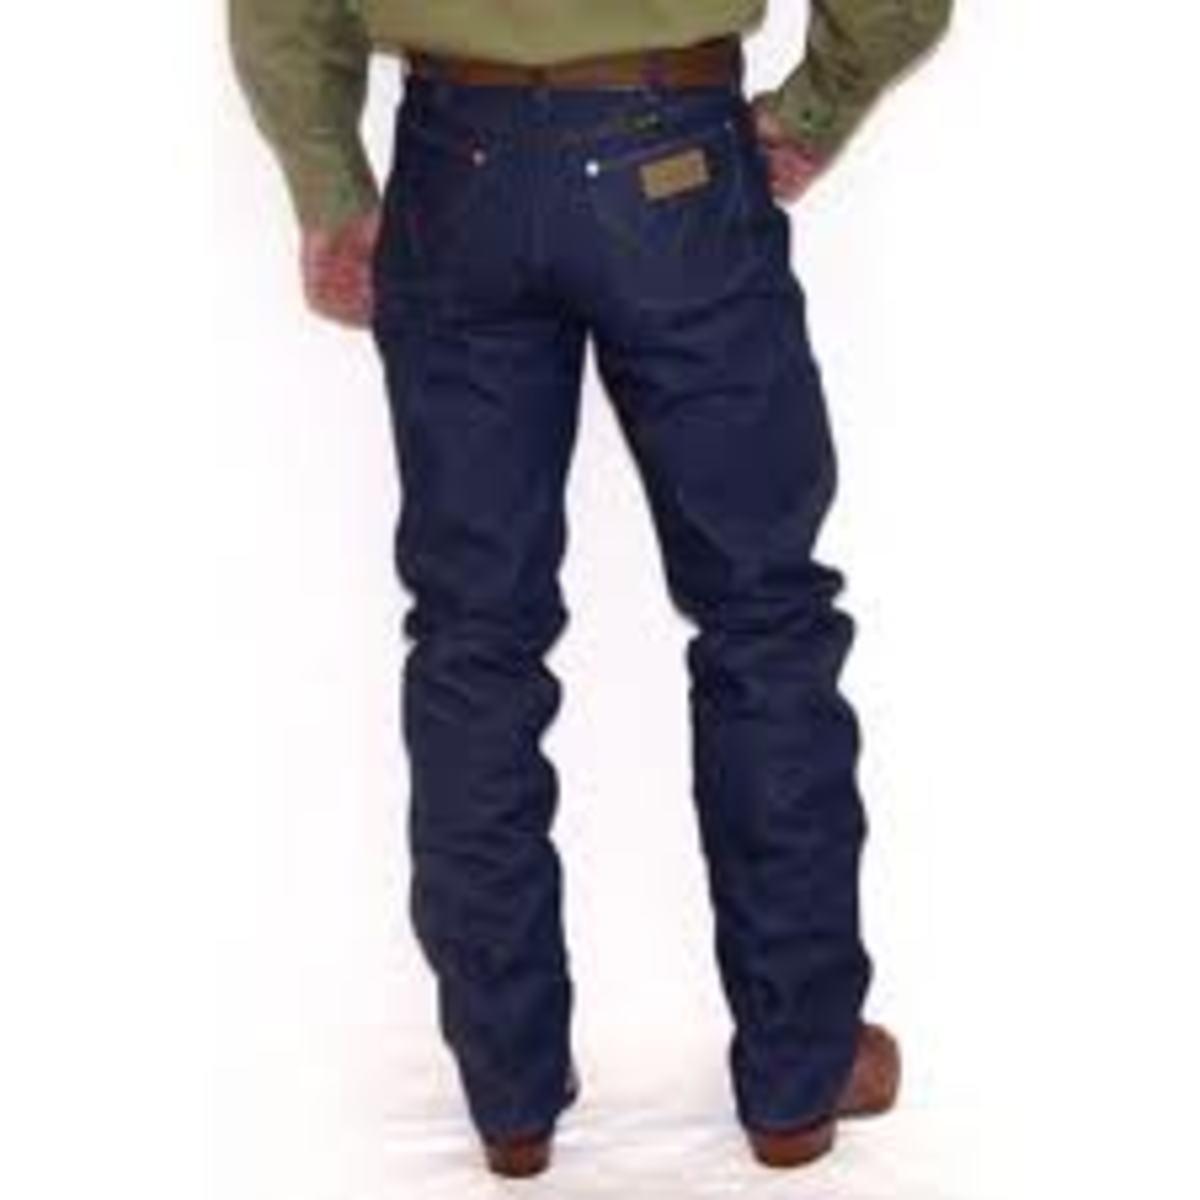 Wrangler Jeans - Popular Jeans in the 80s